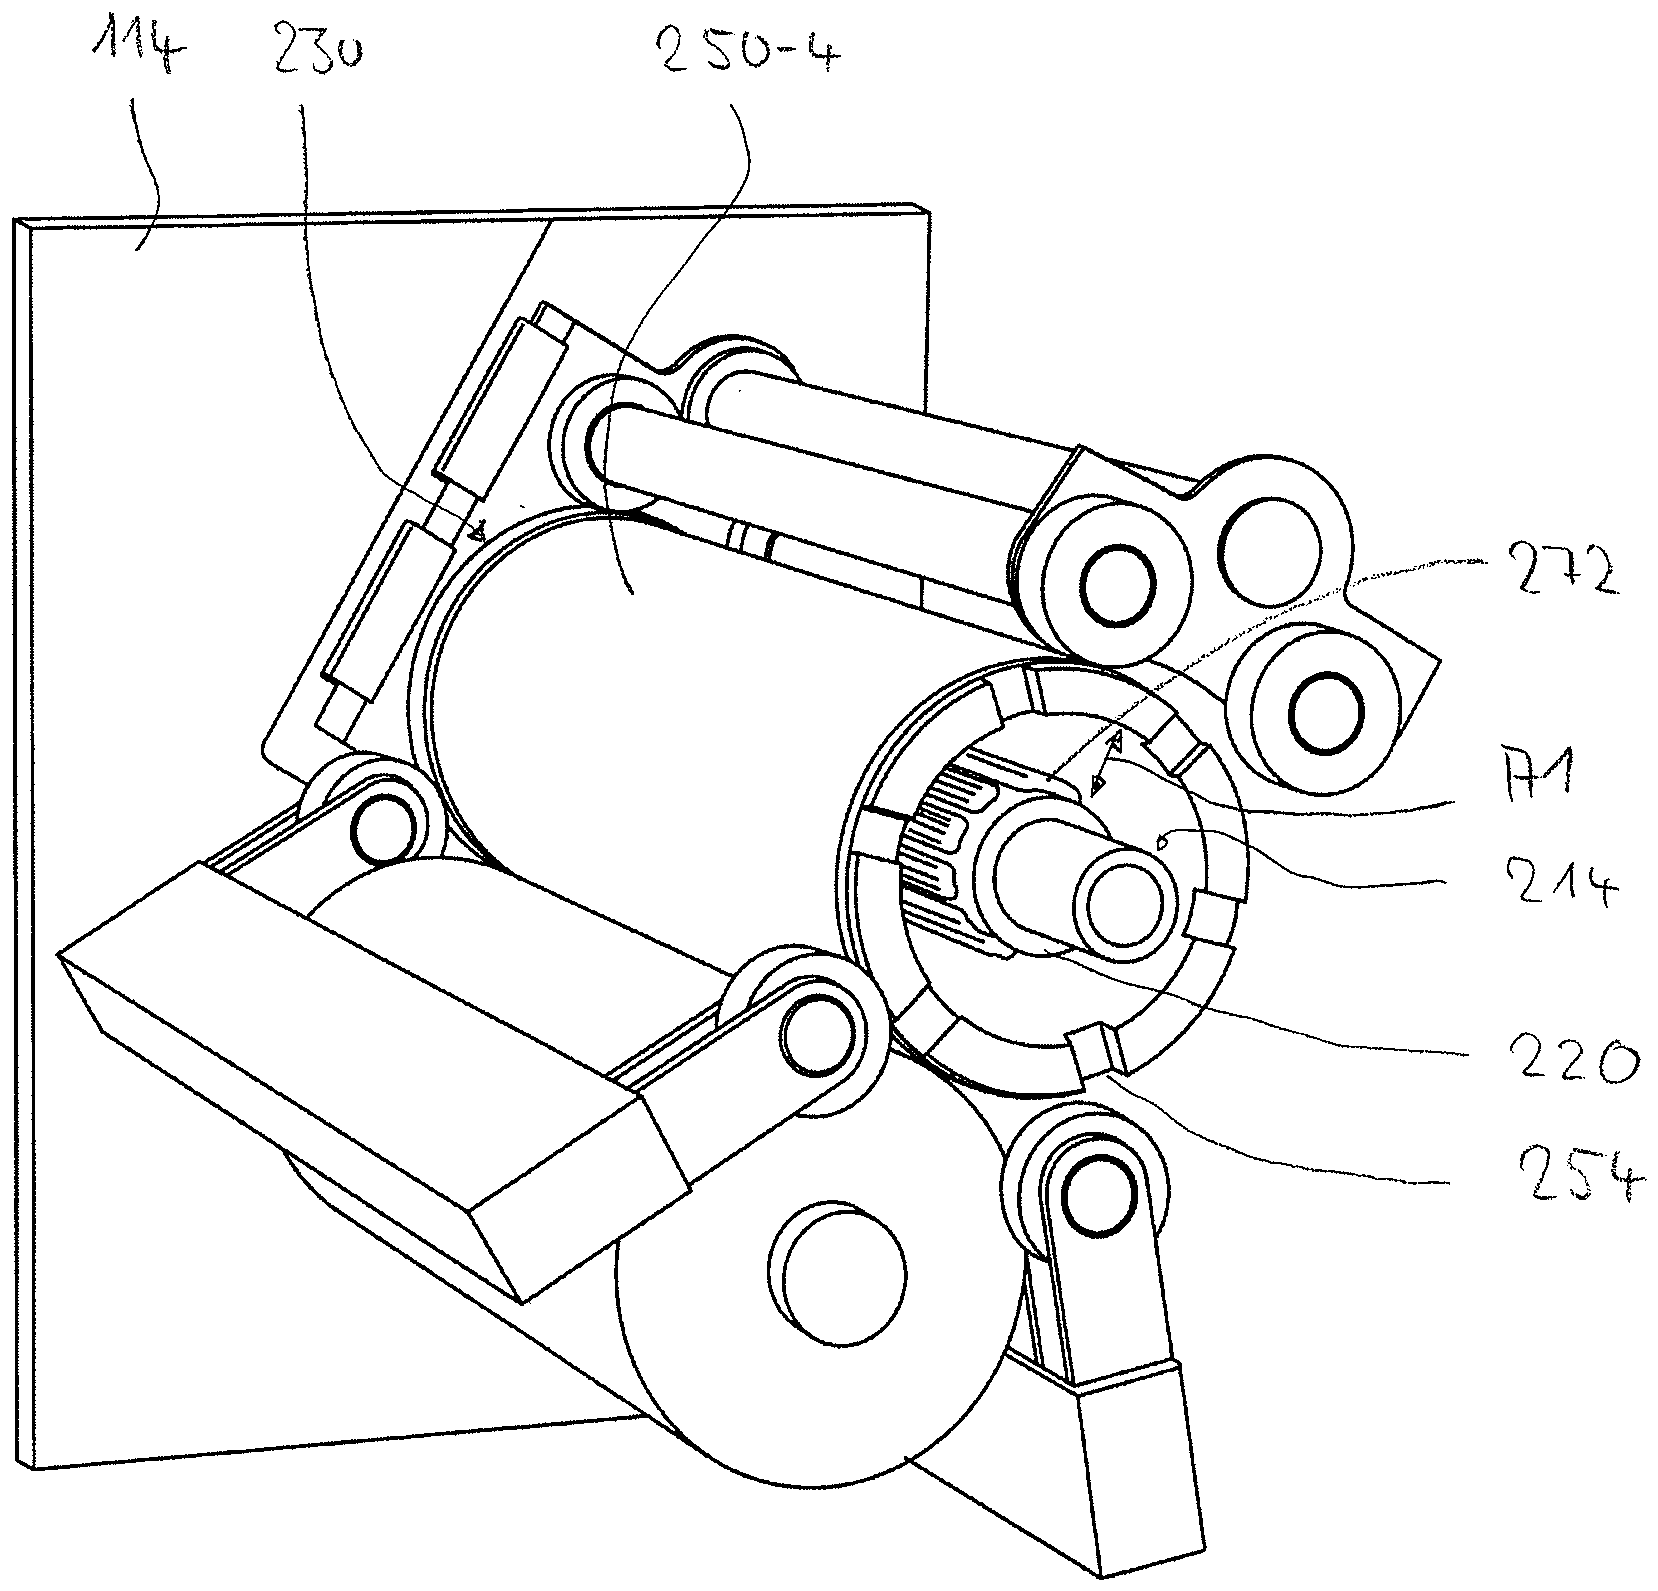 Figure DE102012206972B4_0000